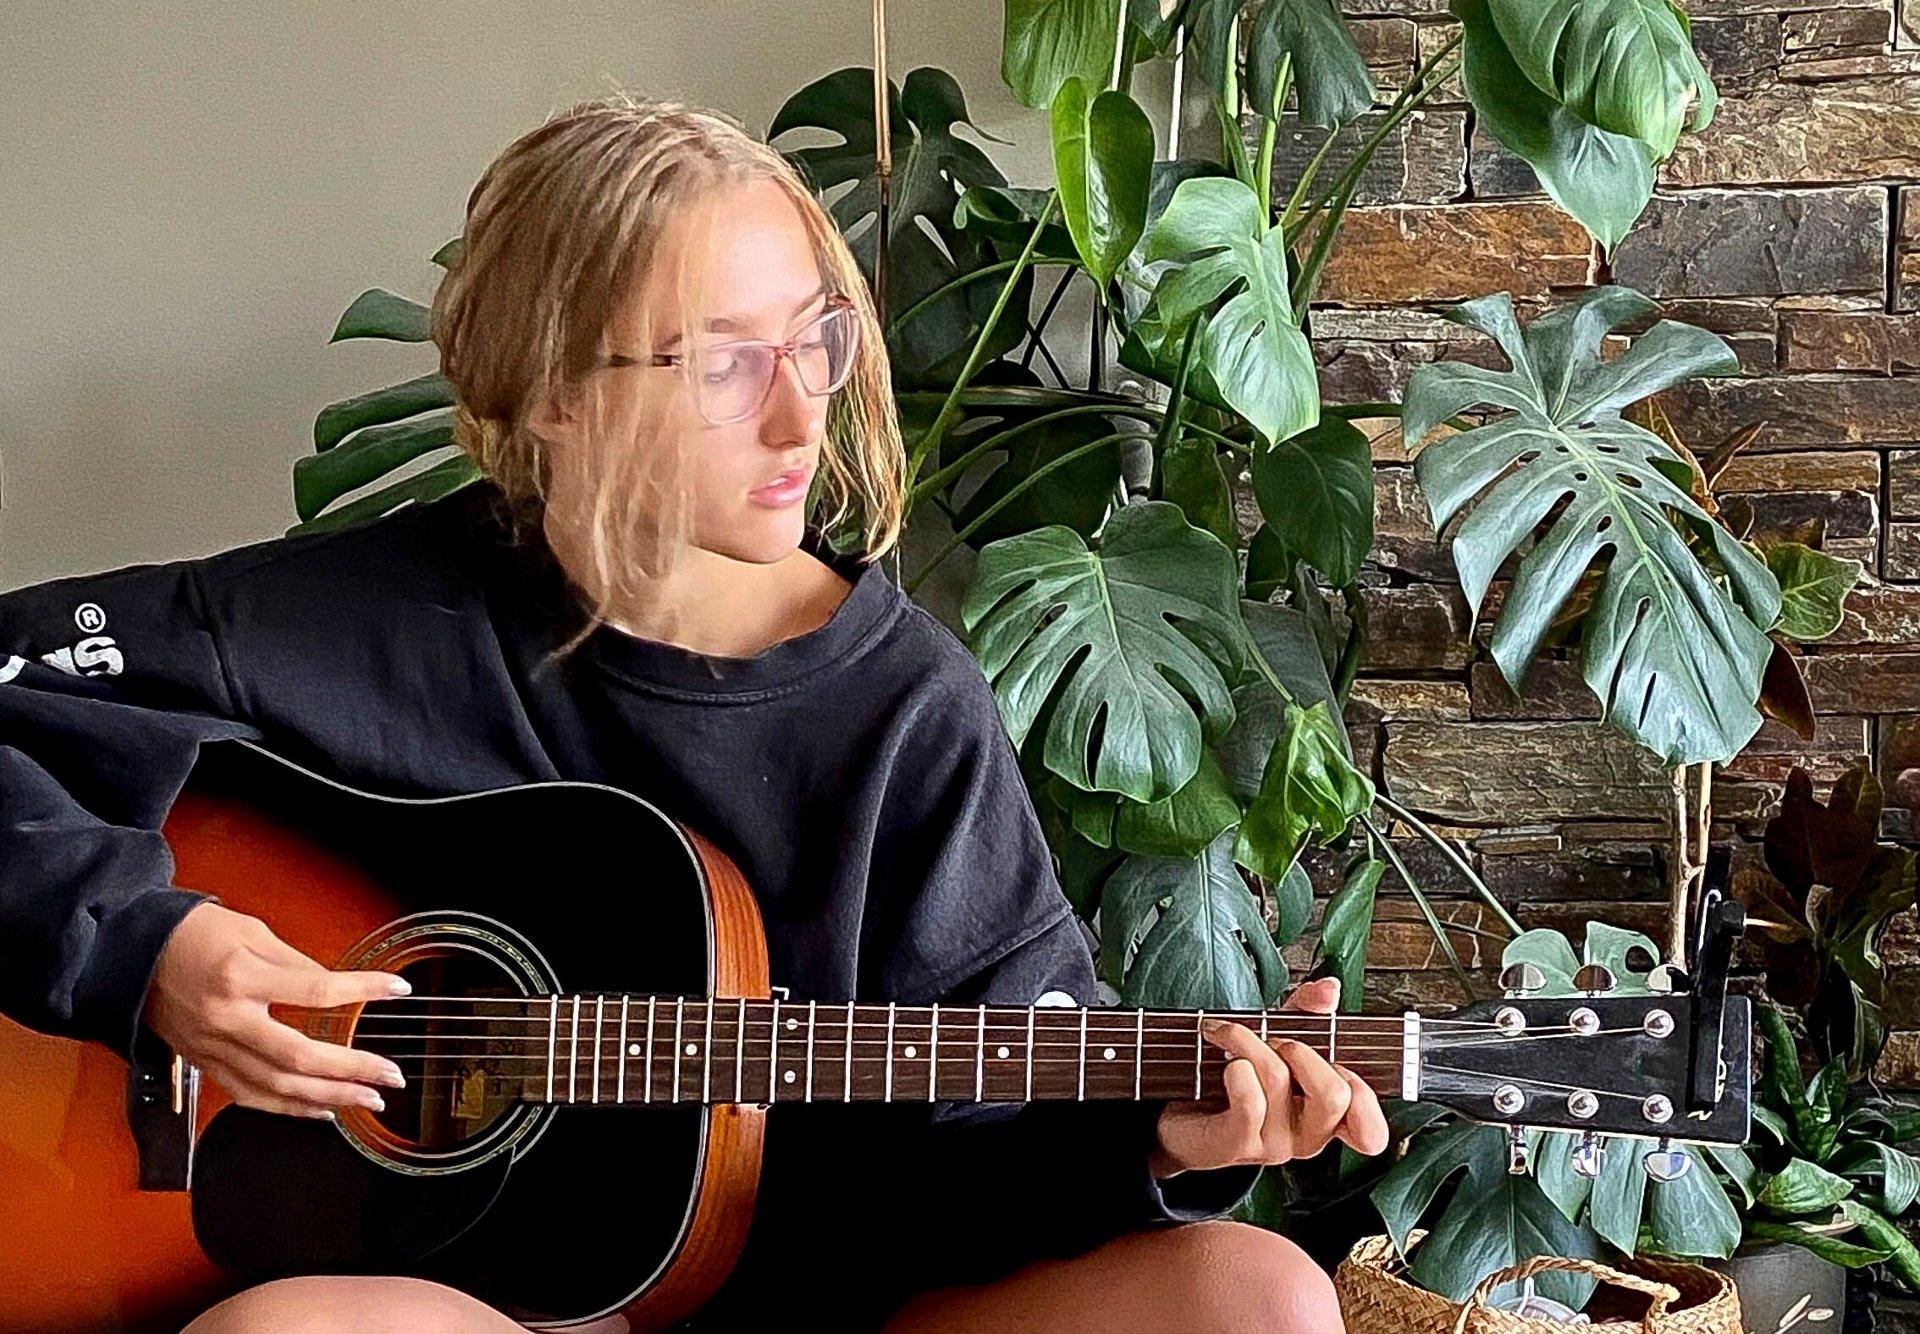 Ailisha Kaiya (17) fra Trysil satser på musikk og gir ut låter på Spotify og YouTube